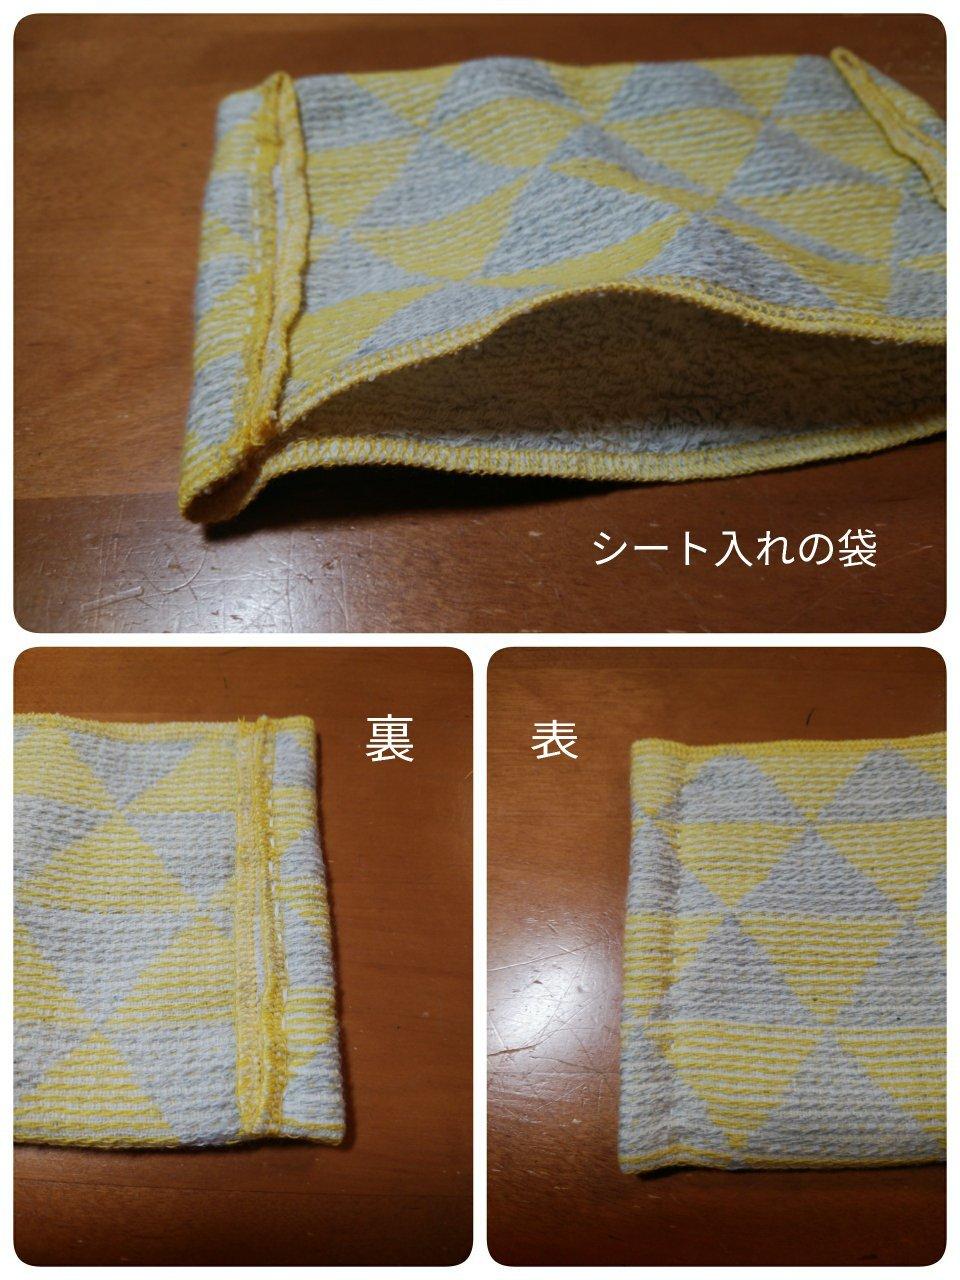 お薦め!超かんたん手縫いのハンカチマスク_f0255704_22420672.jpg